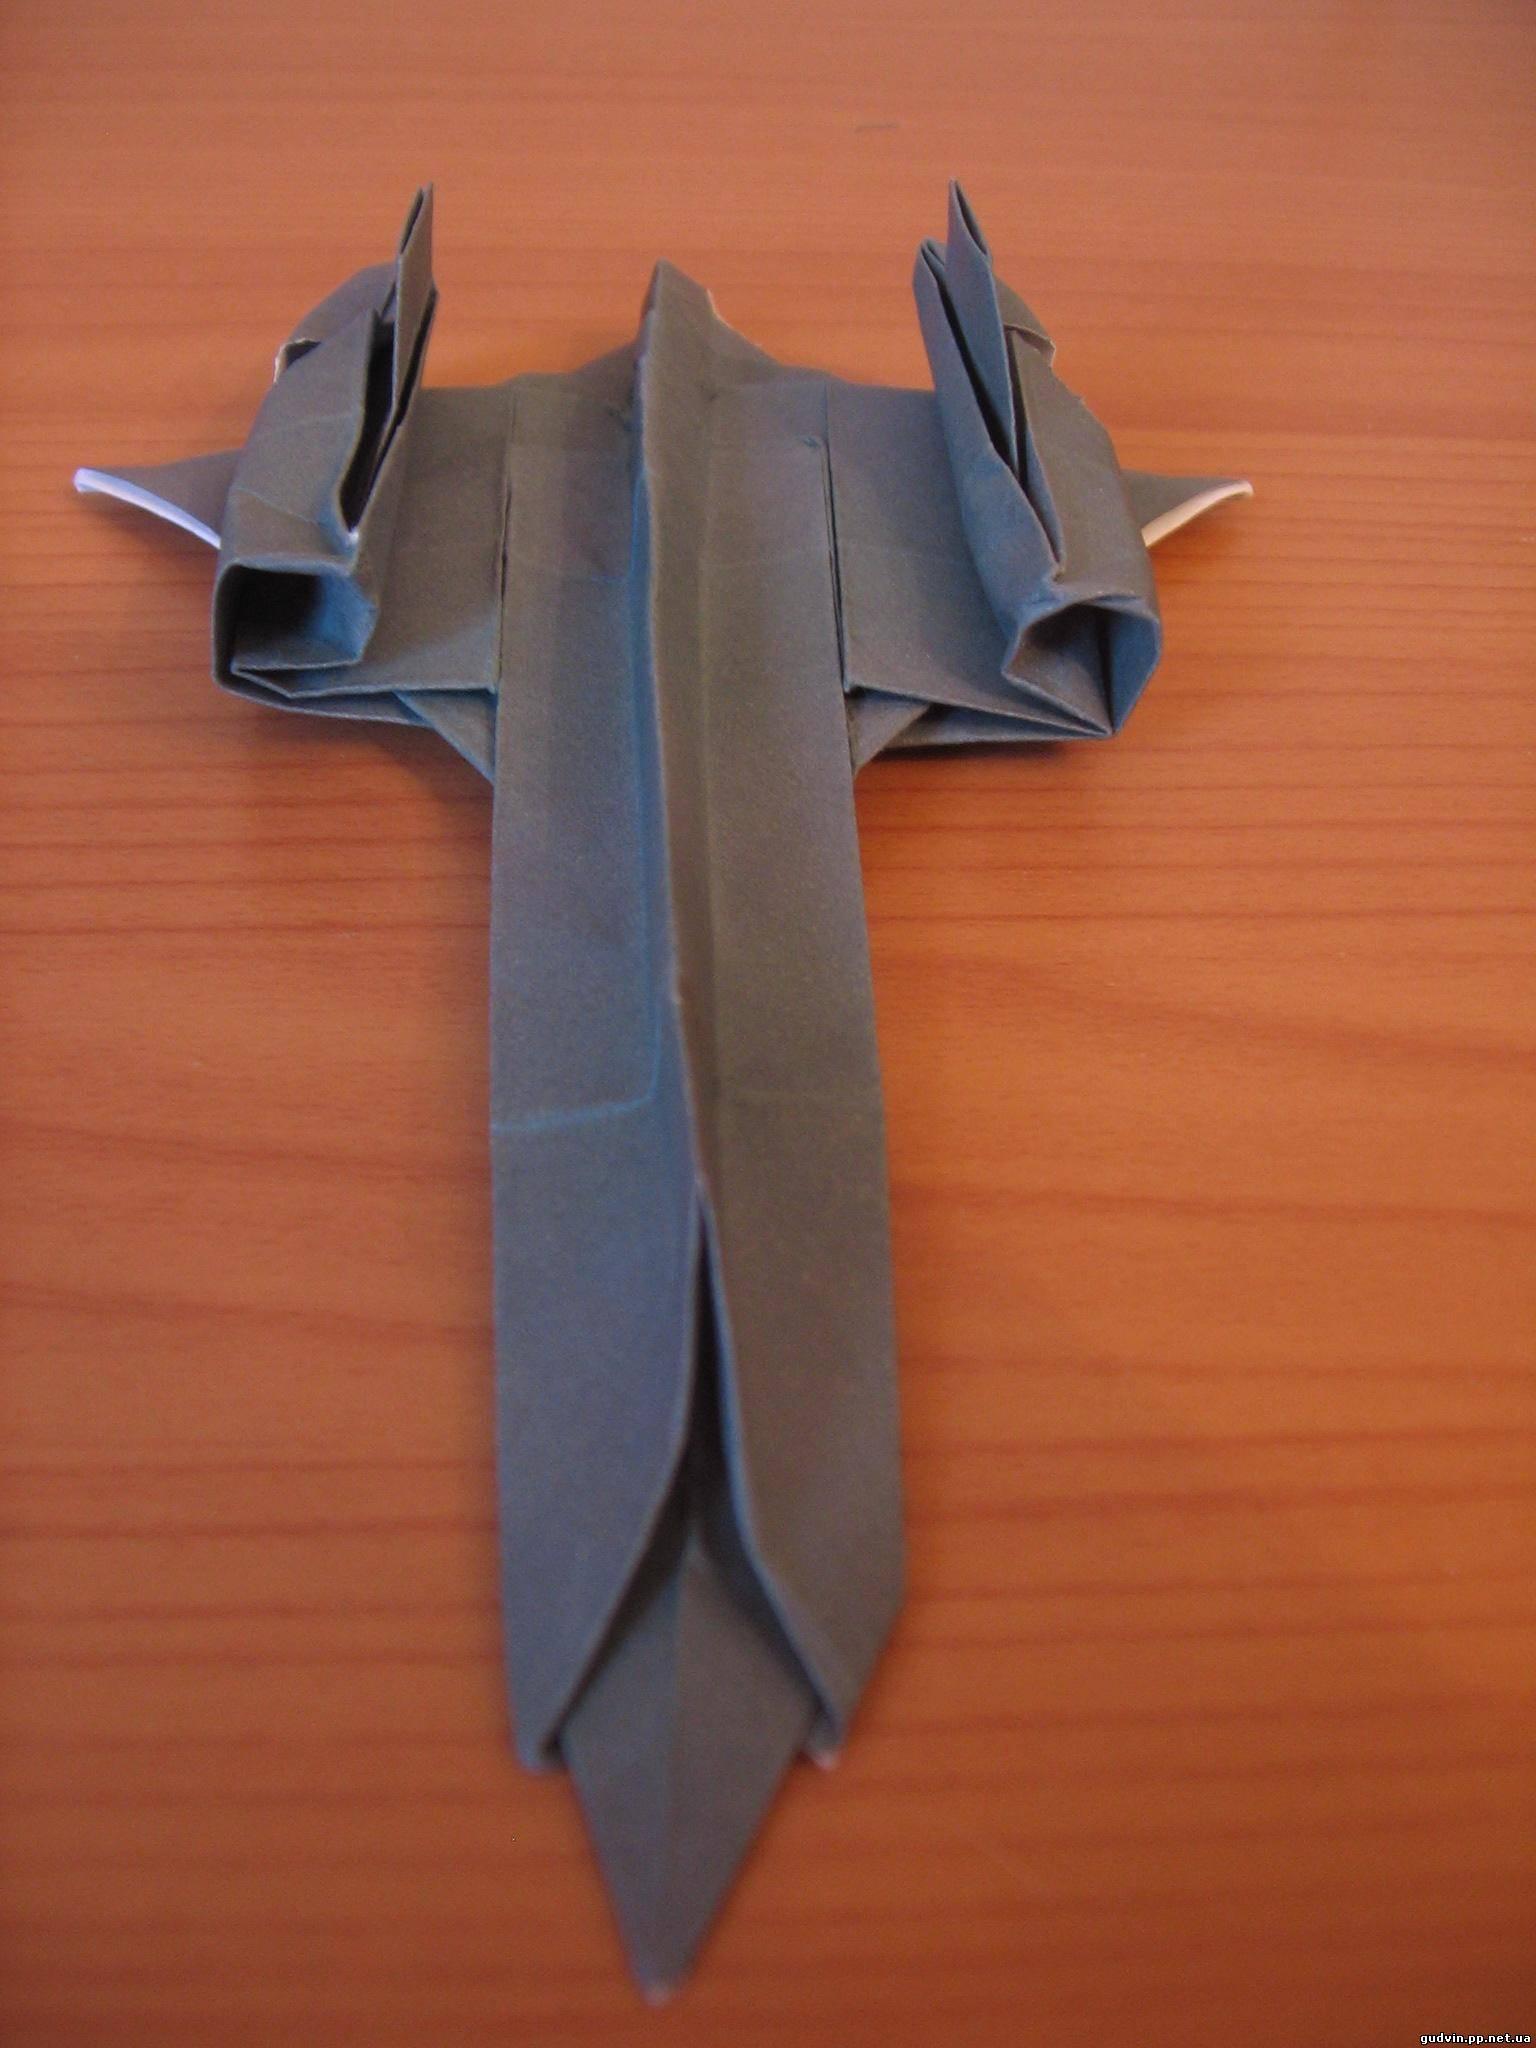 Как сделать настоящие крылья из бумаги чтобы летать